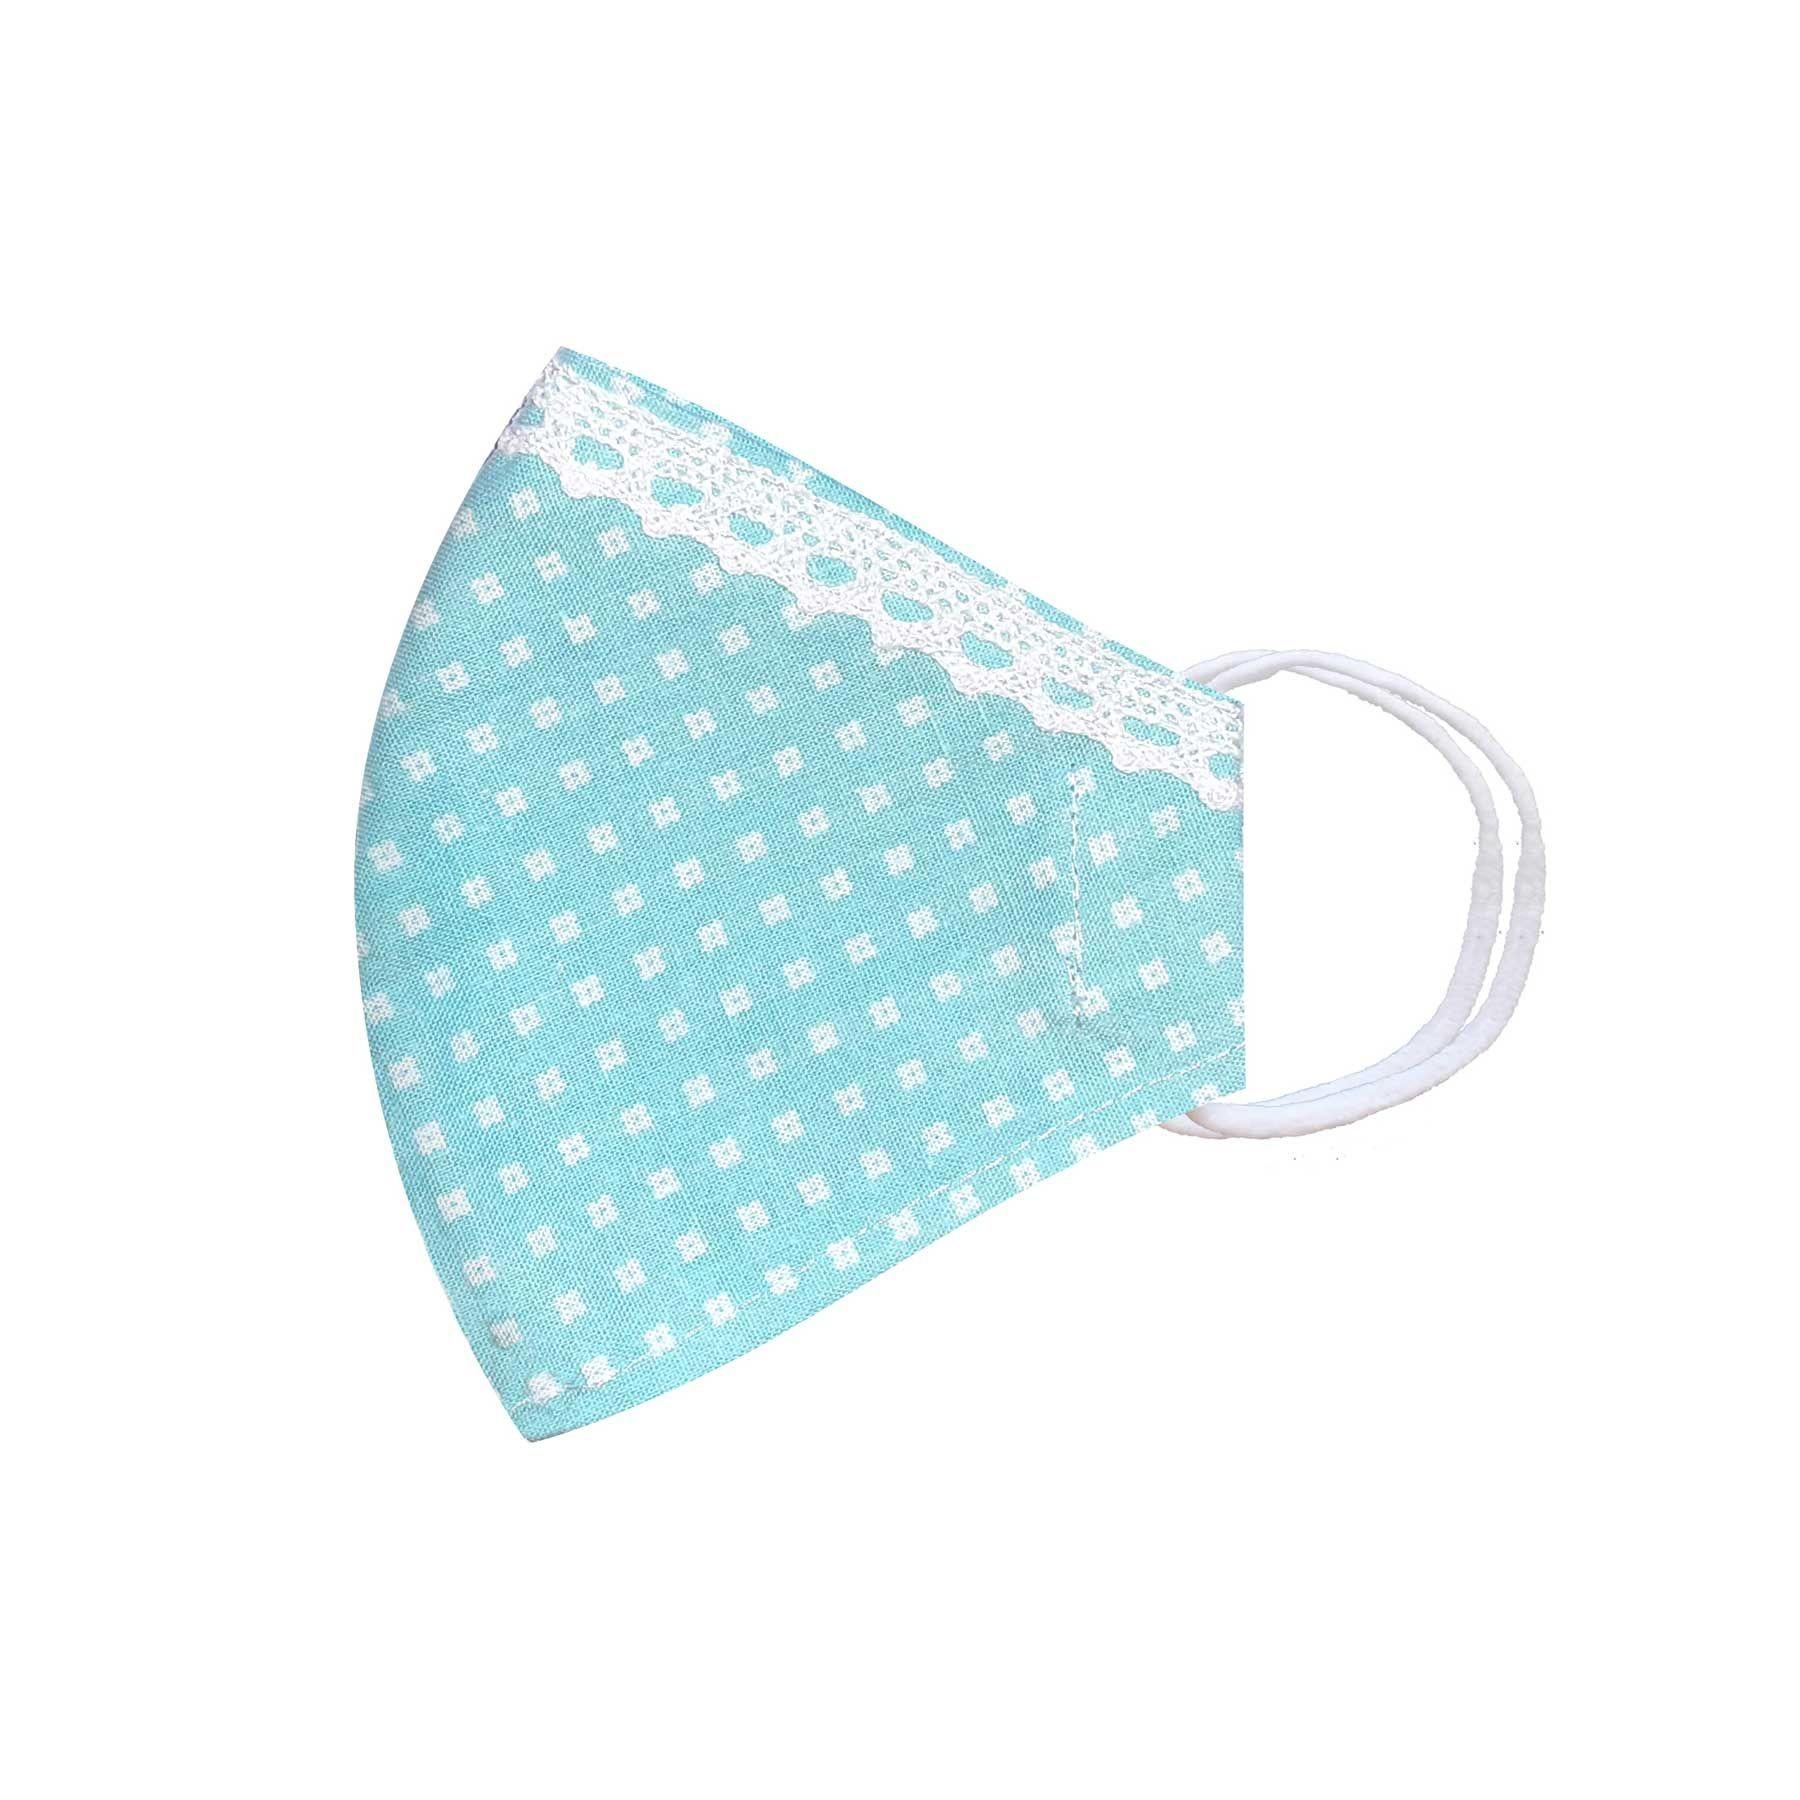 Módní třívrstvé bavlněné ústní roušky tvarované, světle modrá s bílými kytičkami a krajkou s gumičkami dámské